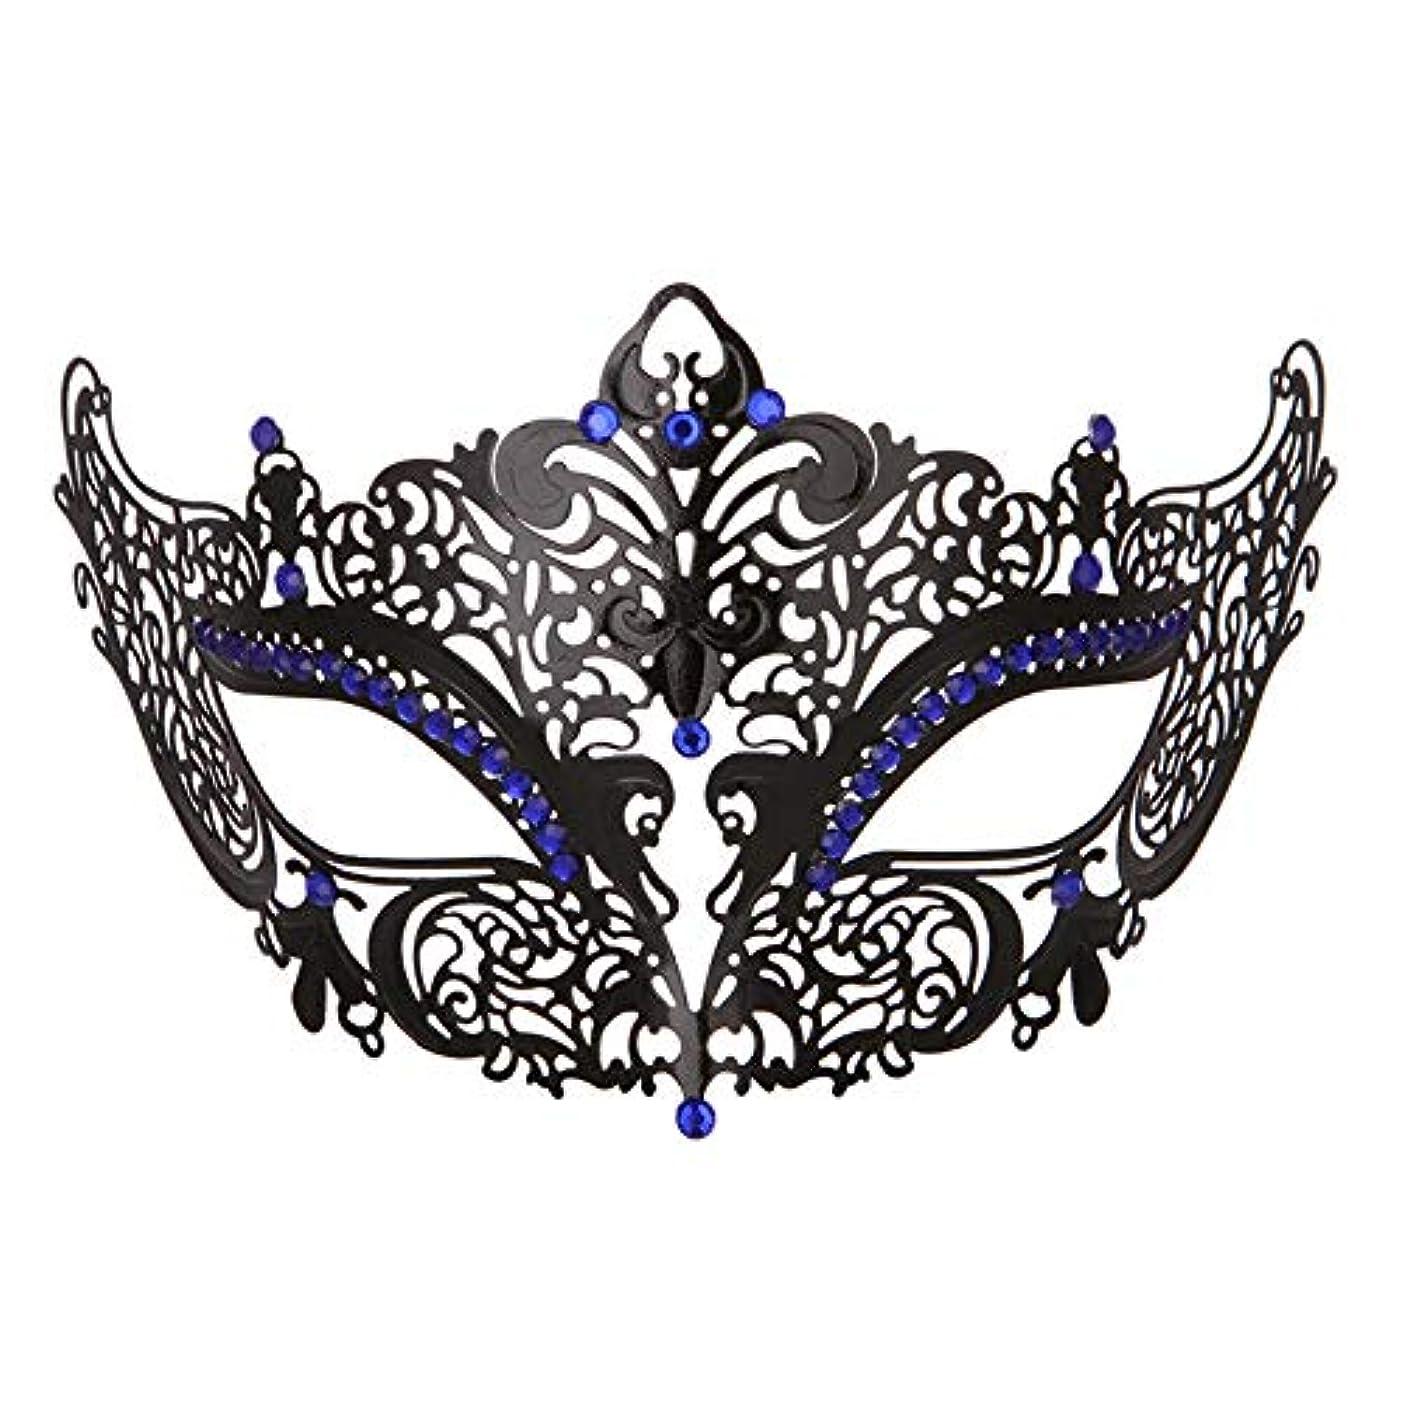 警戒骨の折れる推進、動かすダンスマスク 高級金属鉄マスク女性美少女中空ハーフフェイスファッションナイトクラブパーティー仮面舞踏会マスク ホリデーパーティー用品 (色 : 青, サイズ : 19x8cm)